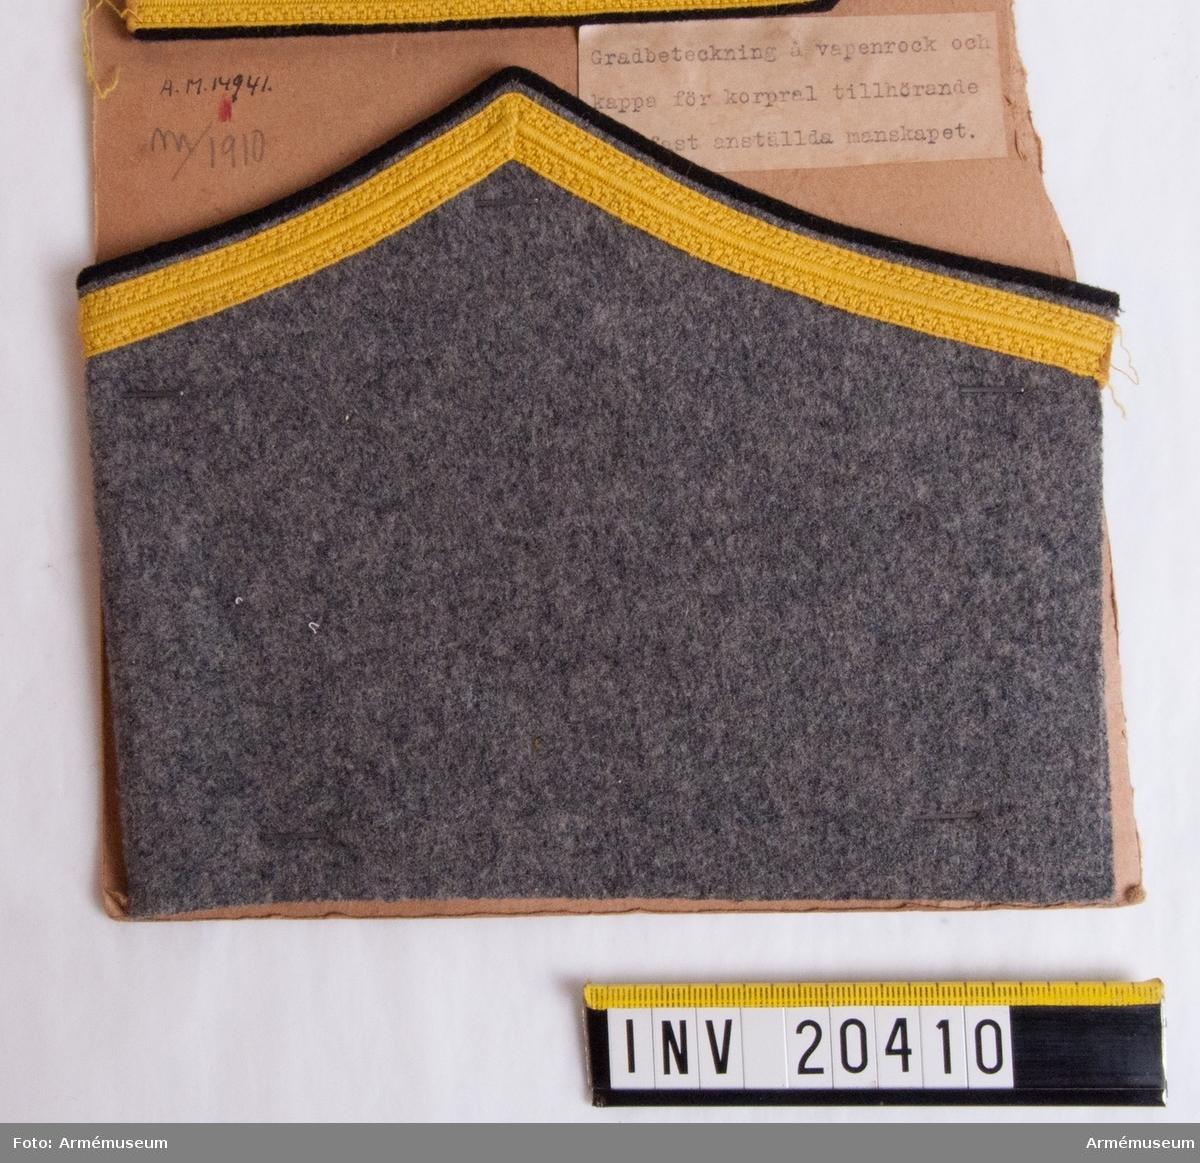 Grupp C I. Med gradbeteckning för korpral tillhörande fast anställt manskap. För vapenrock och kappa.